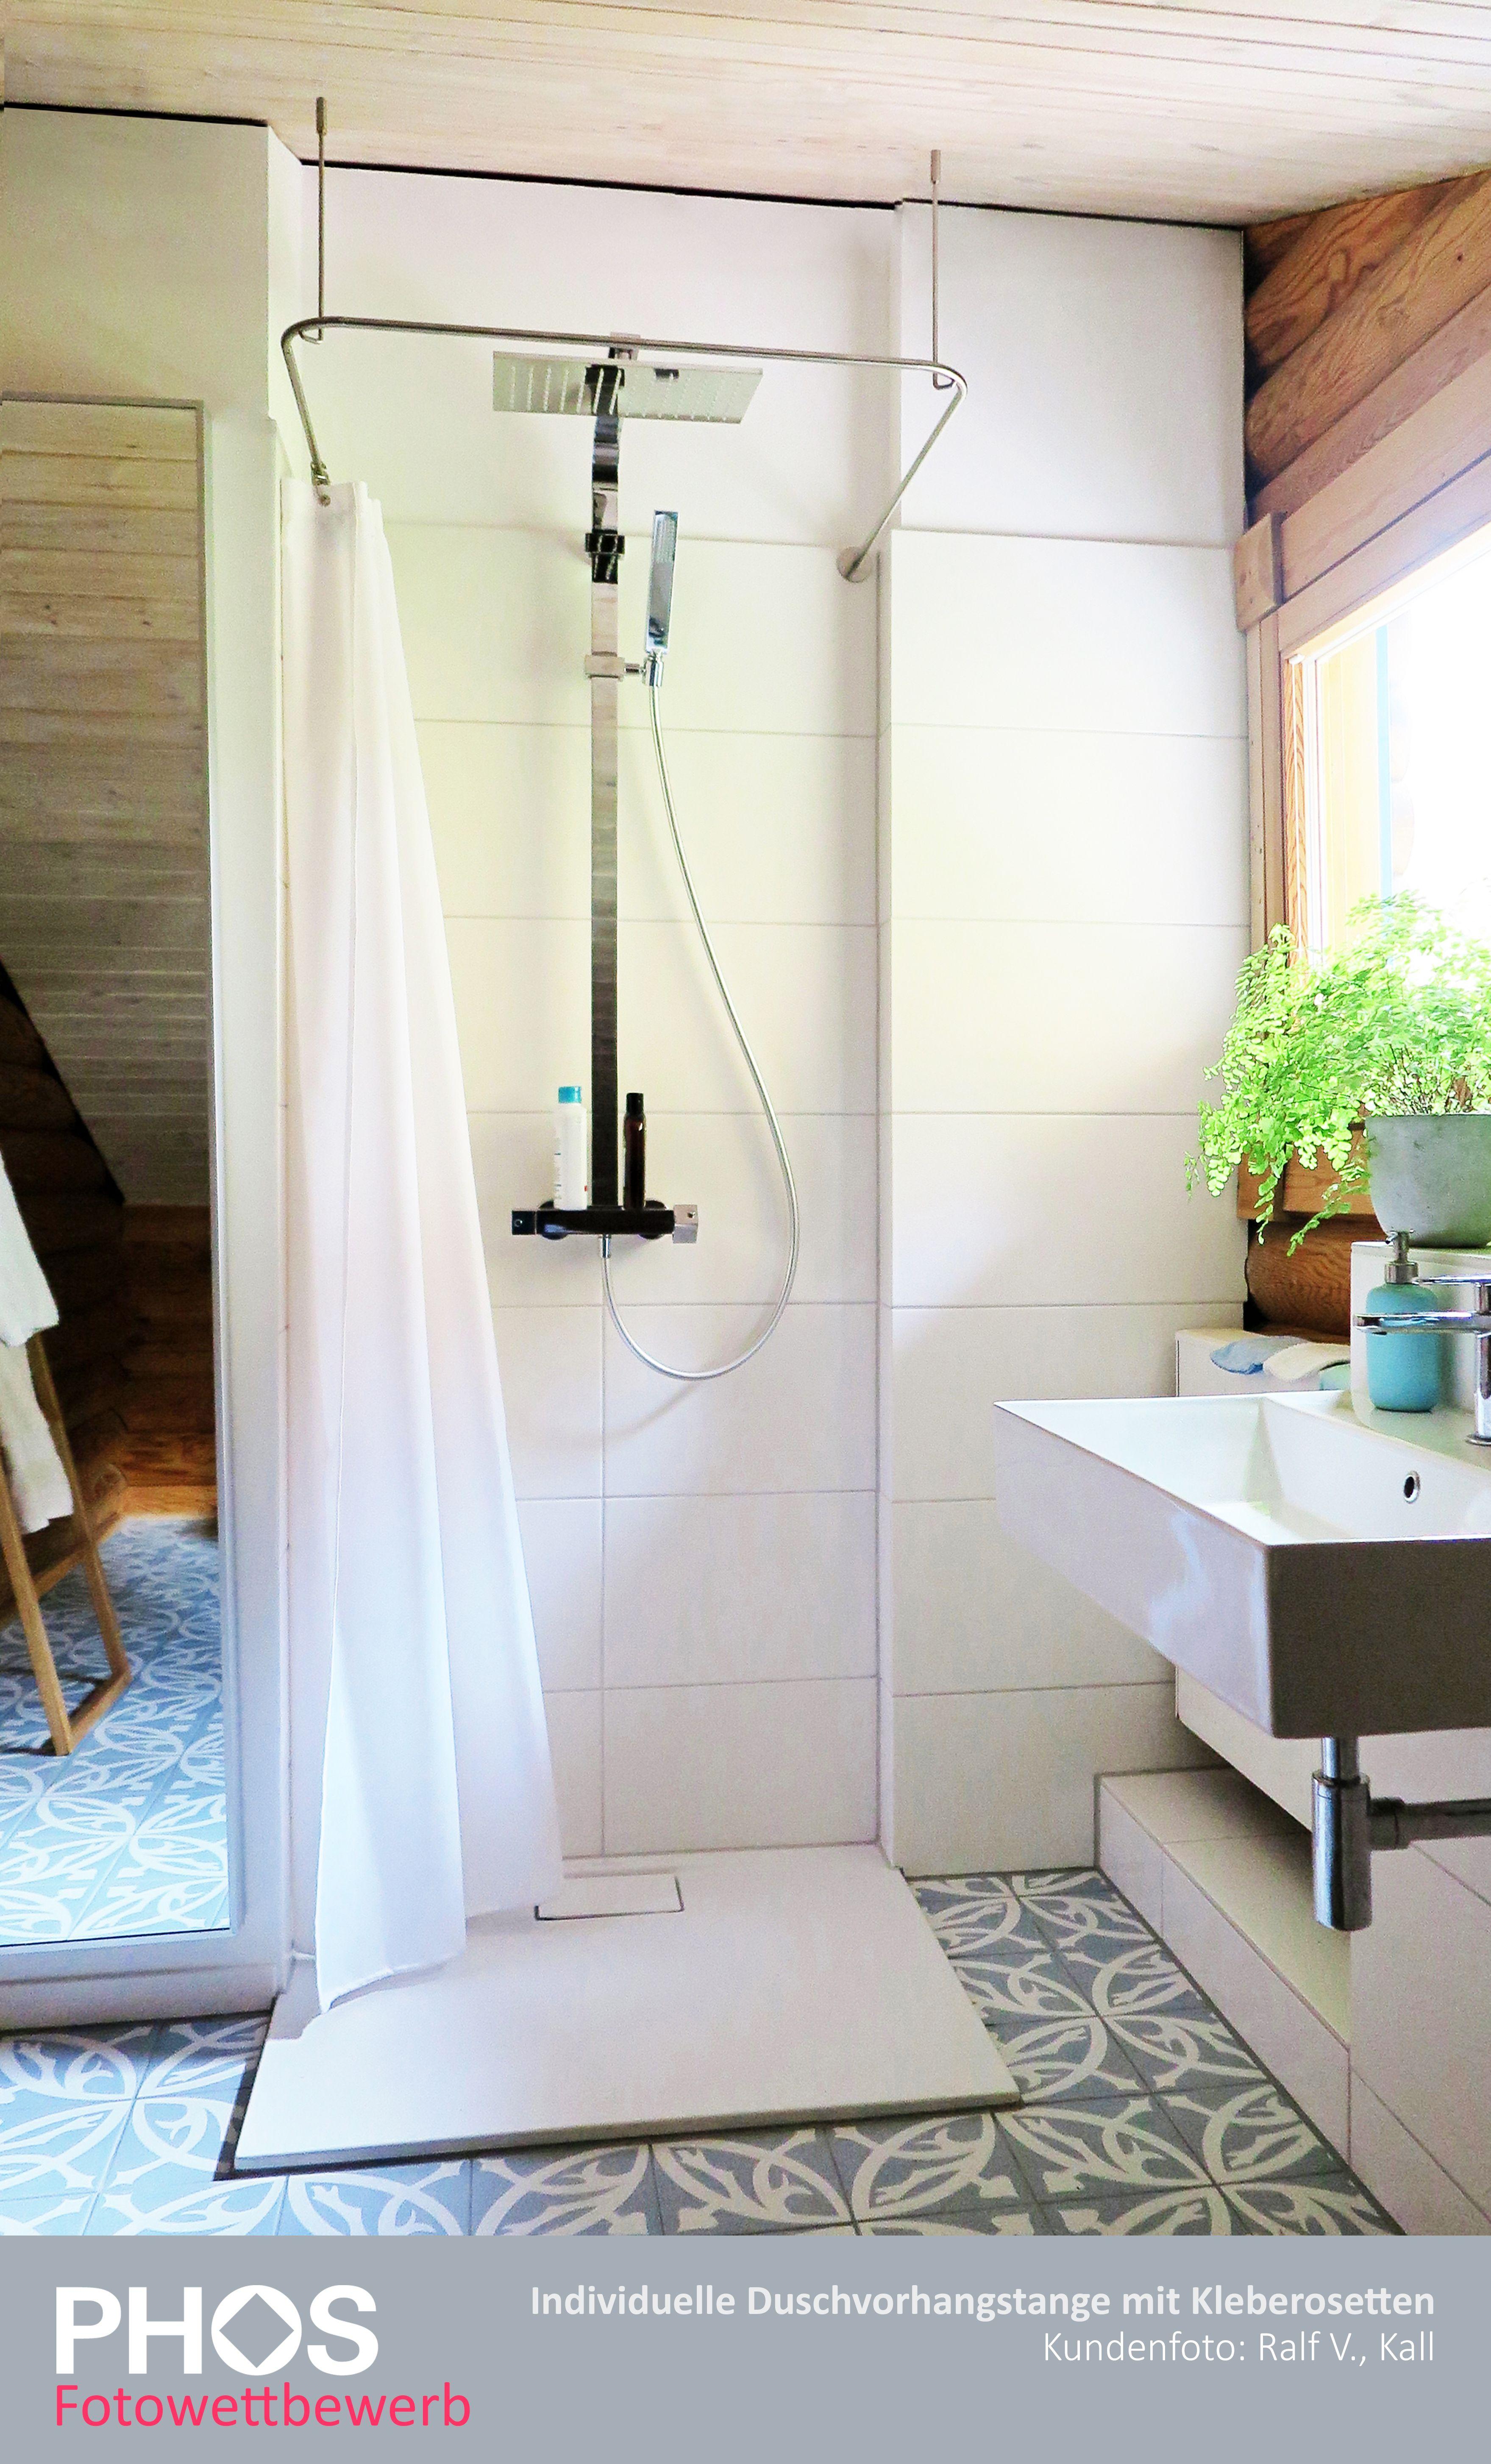 Kundenbild: Individuelle Duschvorhangstange von PHOS Design in